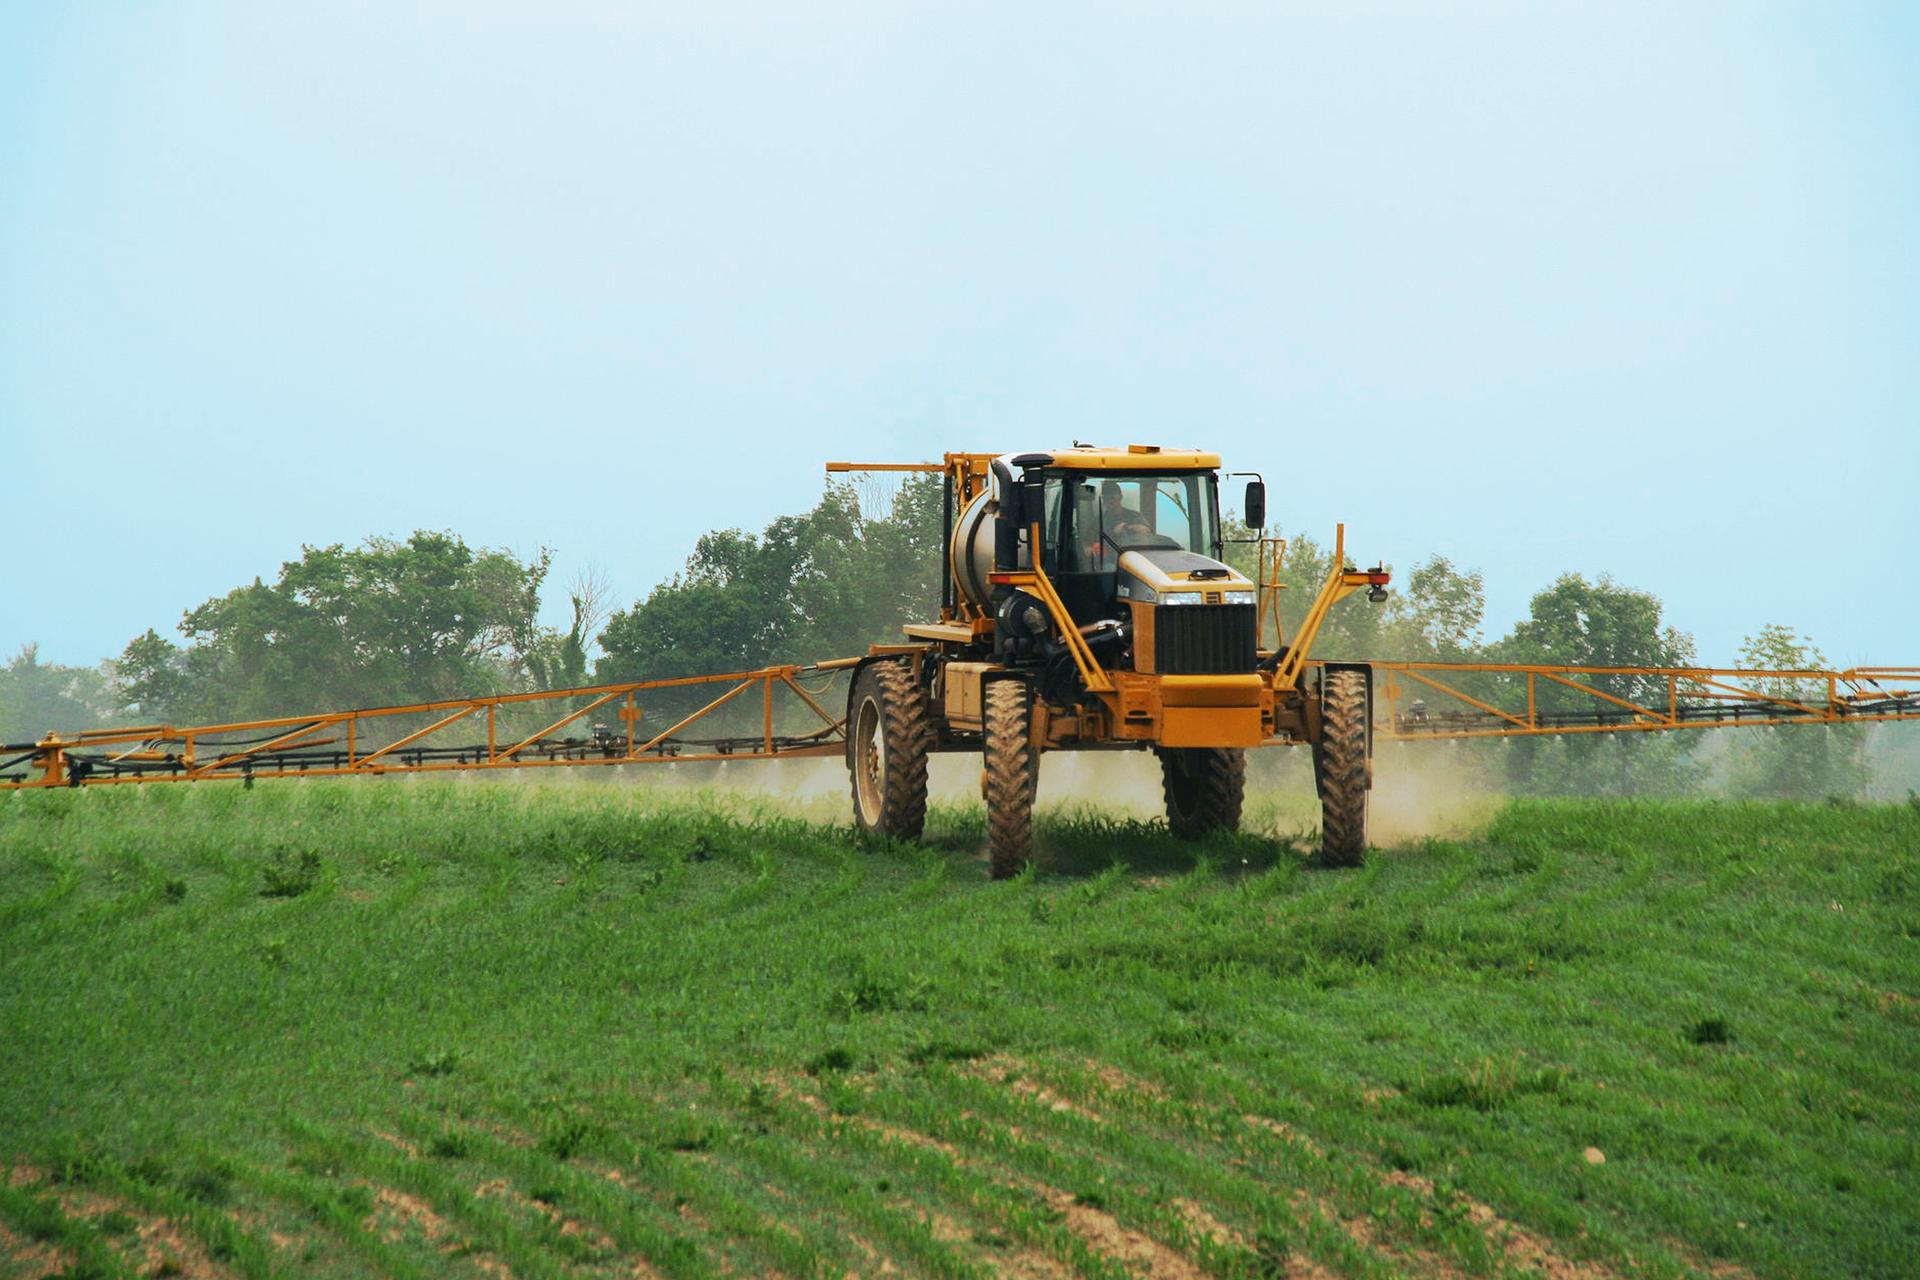 Fotografia przedstawia żółty ciągnik jadący po polu. Ztyłu traktor ma doczepione urządzenia zraszające, zktórych wykonywany jest oprysk zielonych, małych roślin na polu. Za traktorem na rośliny opada mgła zpestycydami.